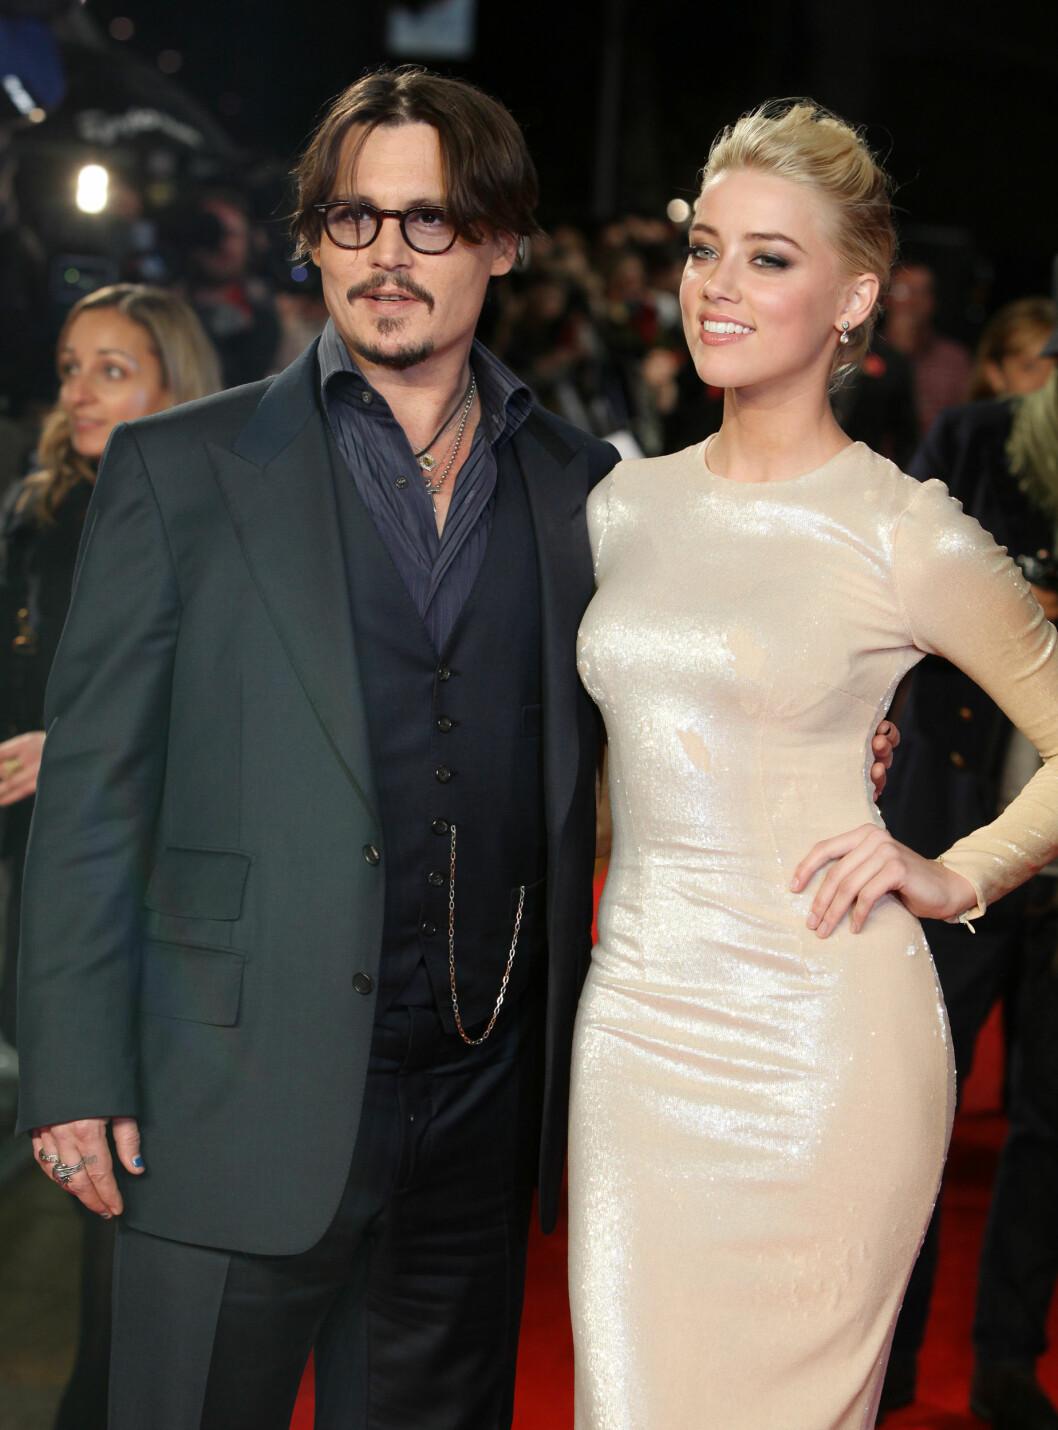 KORTVARIG EKTESKAP: Johnny Depp og Amber Heard annonserte skilsmissenyheten kun 15 måneder etter de giftet seg.  Foto: Ap